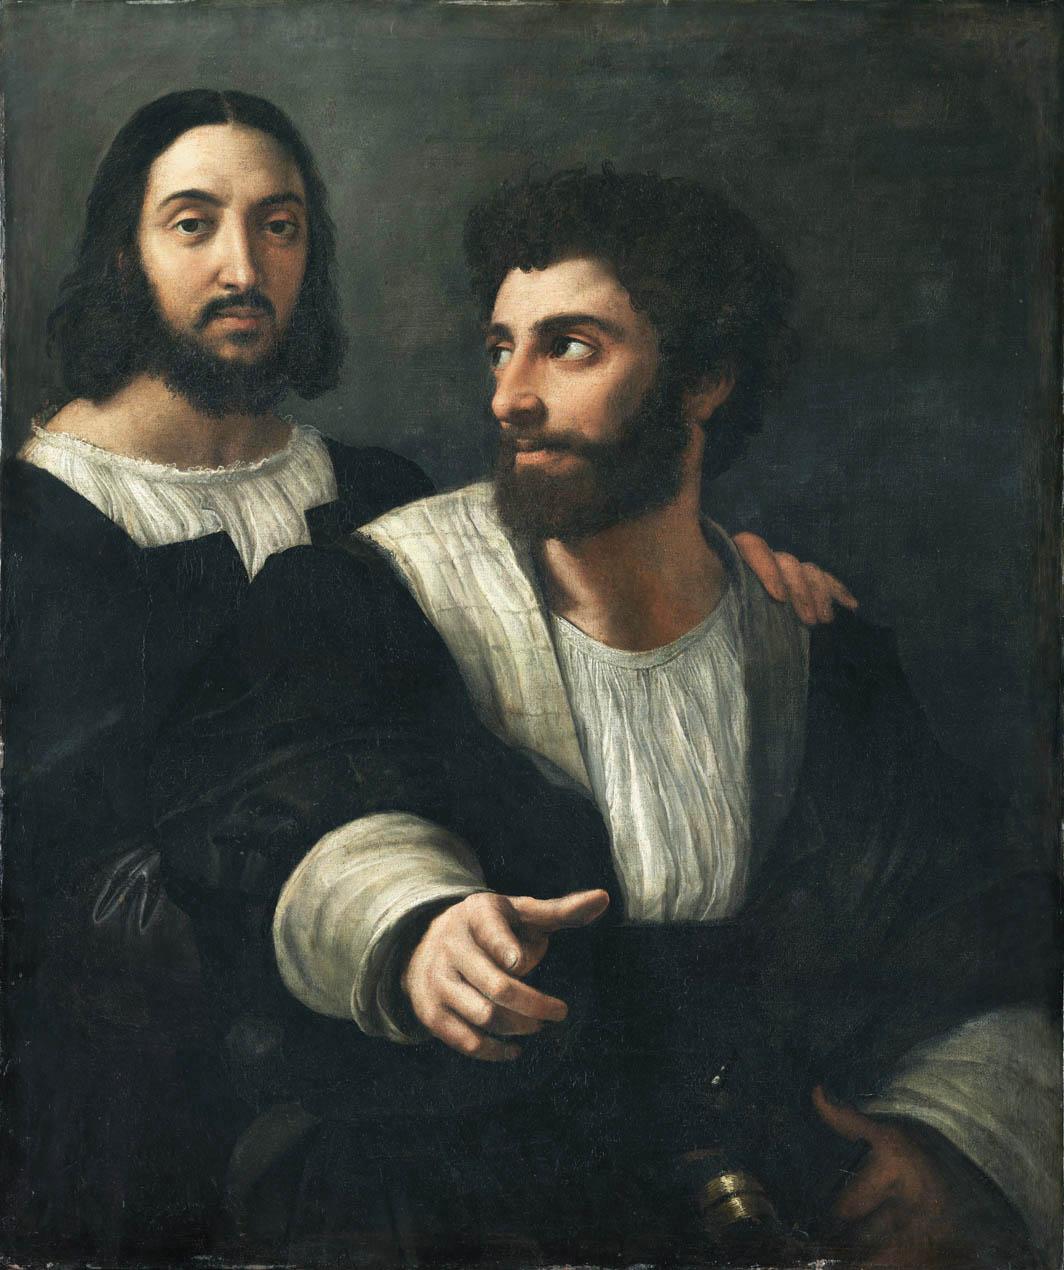 Autoritratto con un amico (1518-1519)